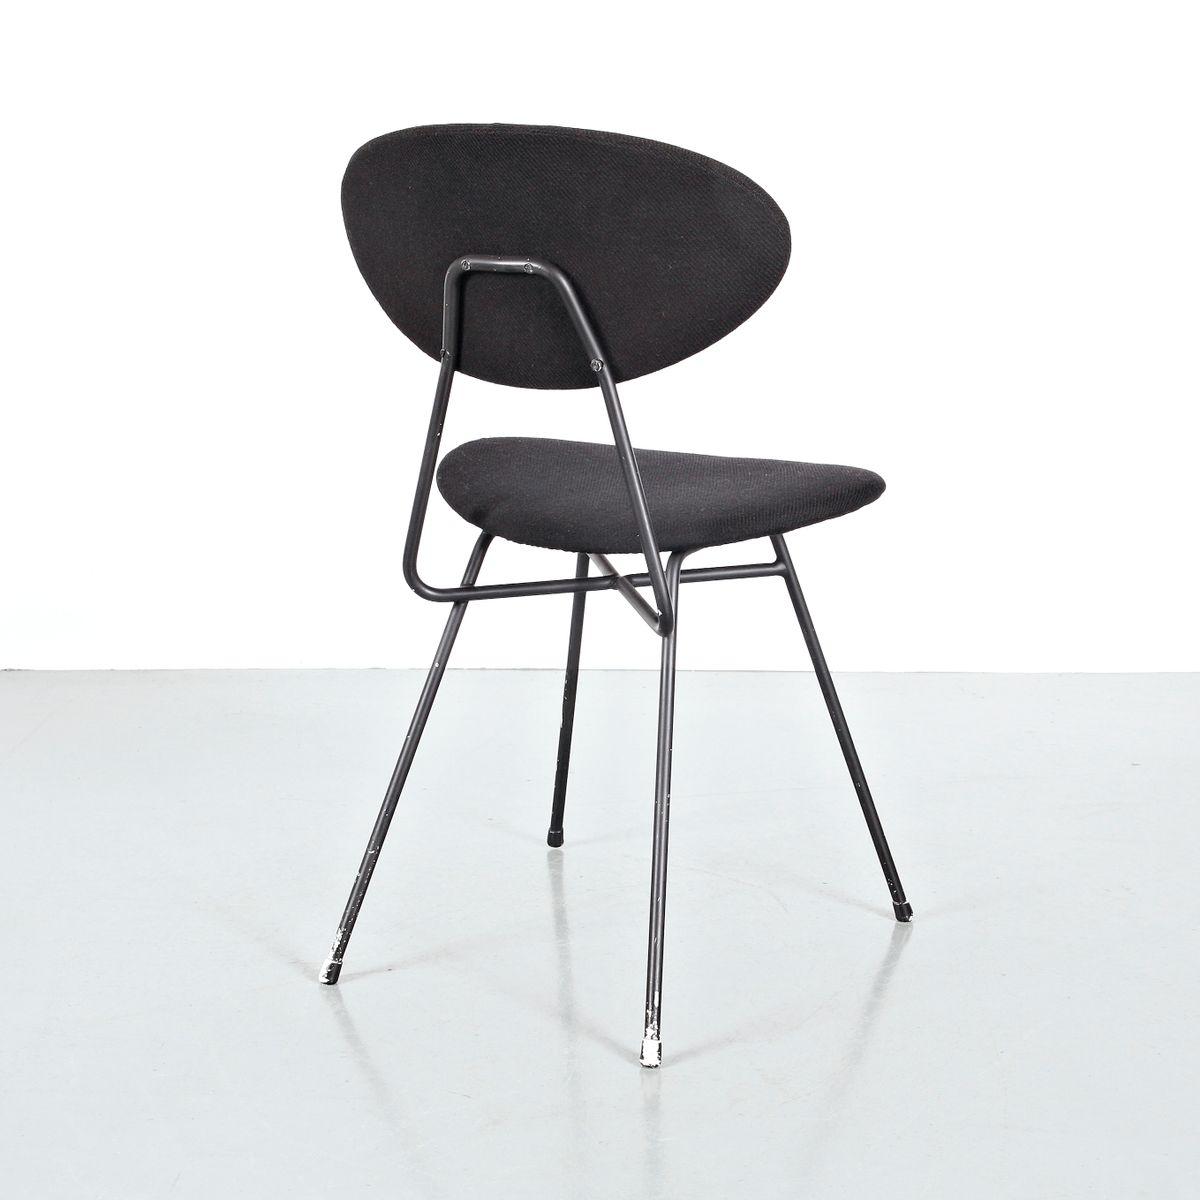 schwarze st hle von rob parry f r gelderland 2er set bei pamono kaufen. Black Bedroom Furniture Sets. Home Design Ideas